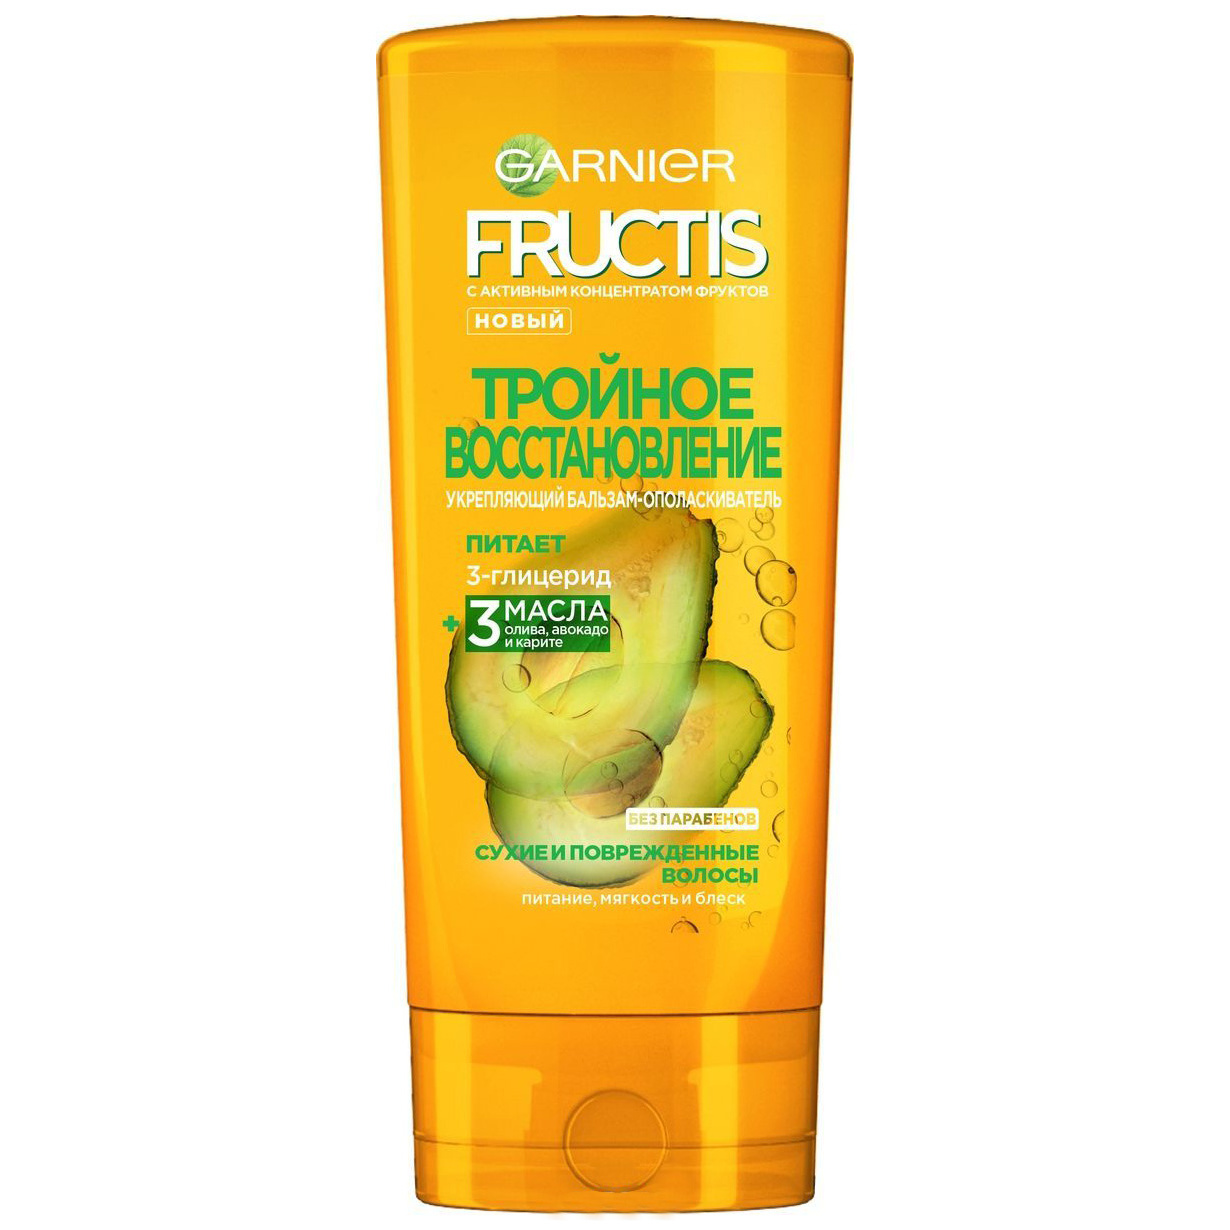 Бальзам для волос Garnier Fructis Тройное восстановление 400 мл